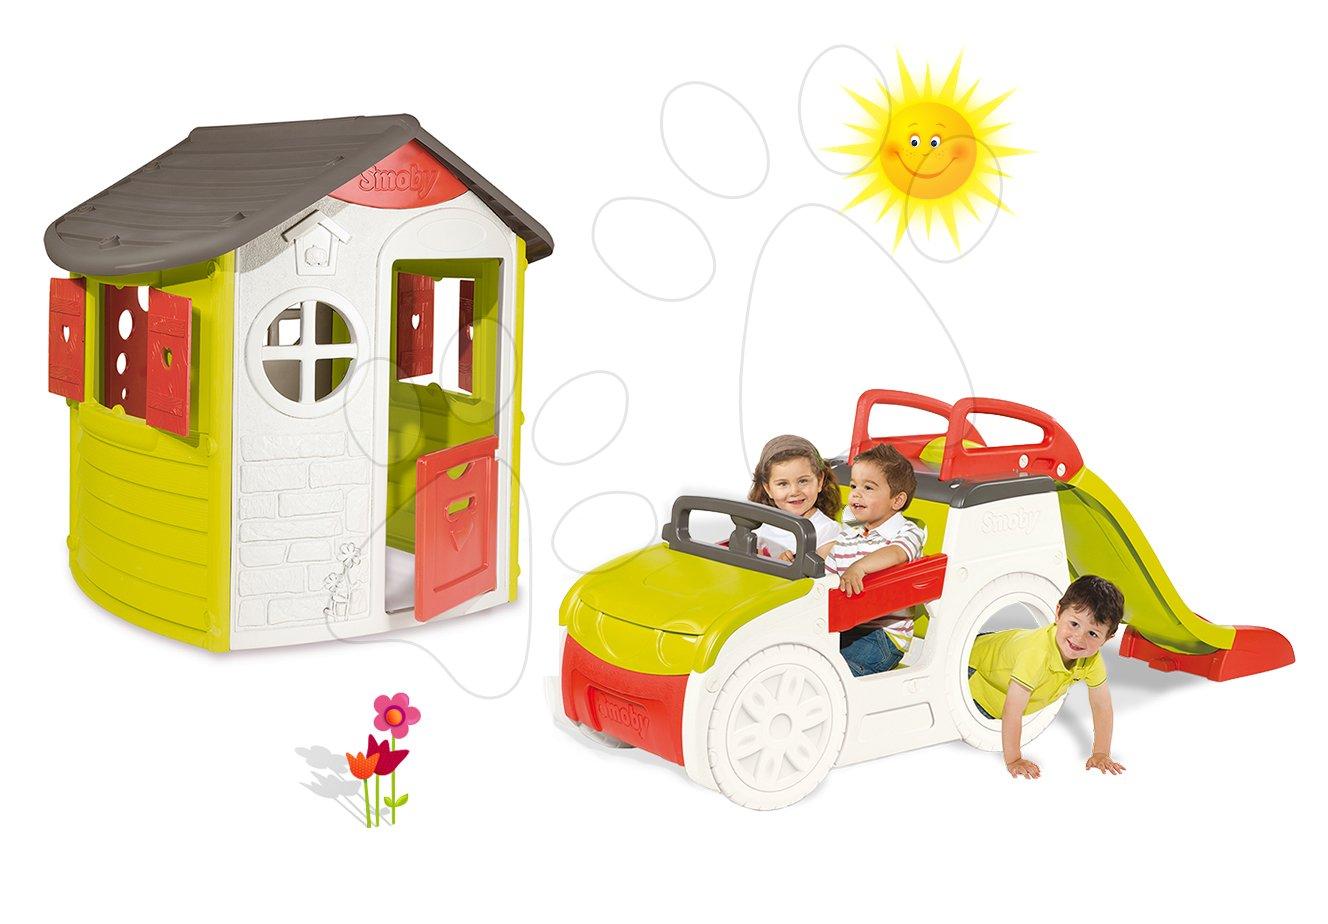 Set prolézačka pro děti Adventure Car Smoby se skluzavkou dlouhou 150 cm a domeček My House od 2 let